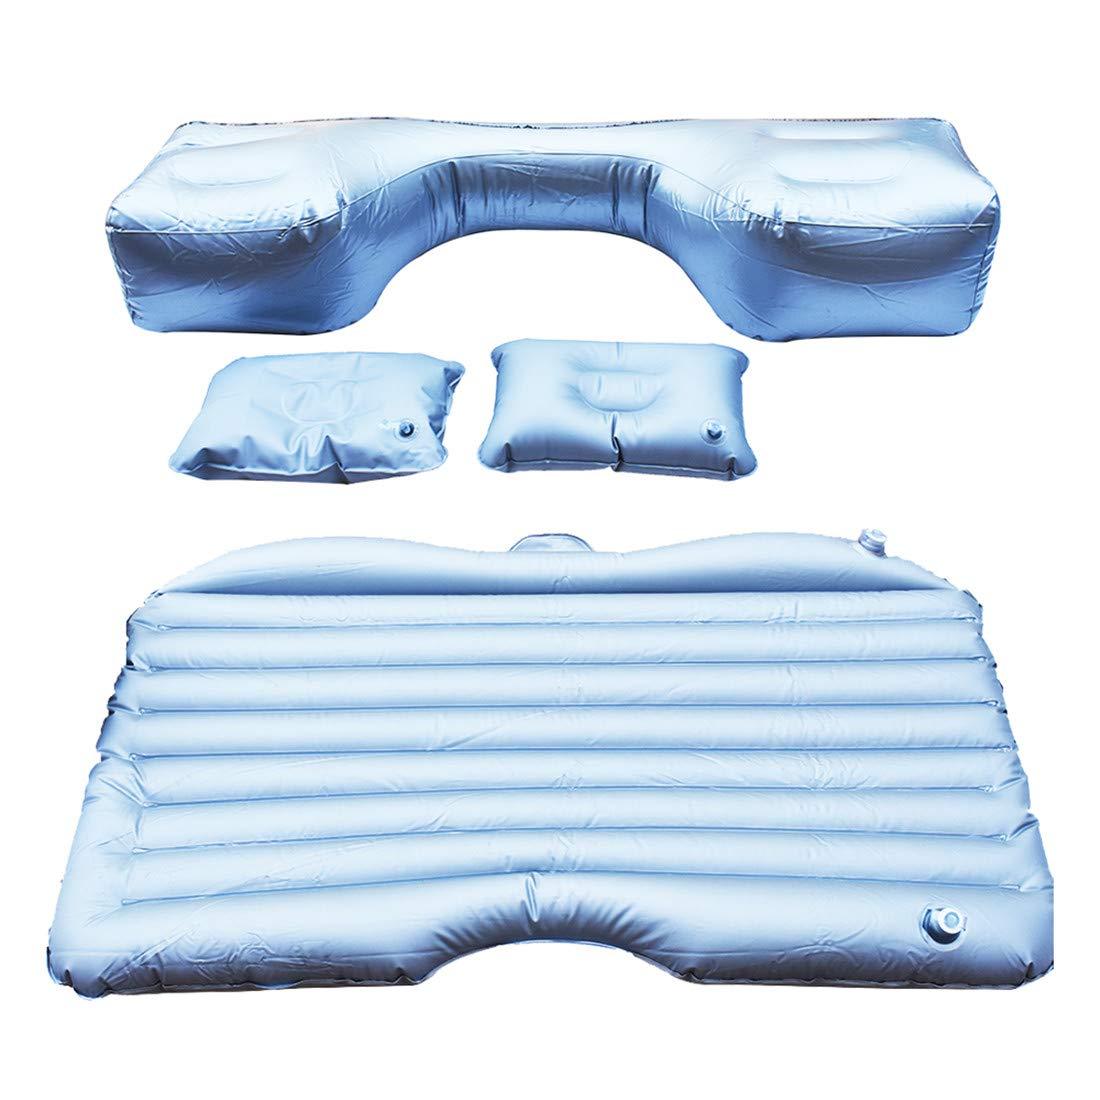 Amazon.com: WFLNHB - Colchón hinchable para asiento trasero ...